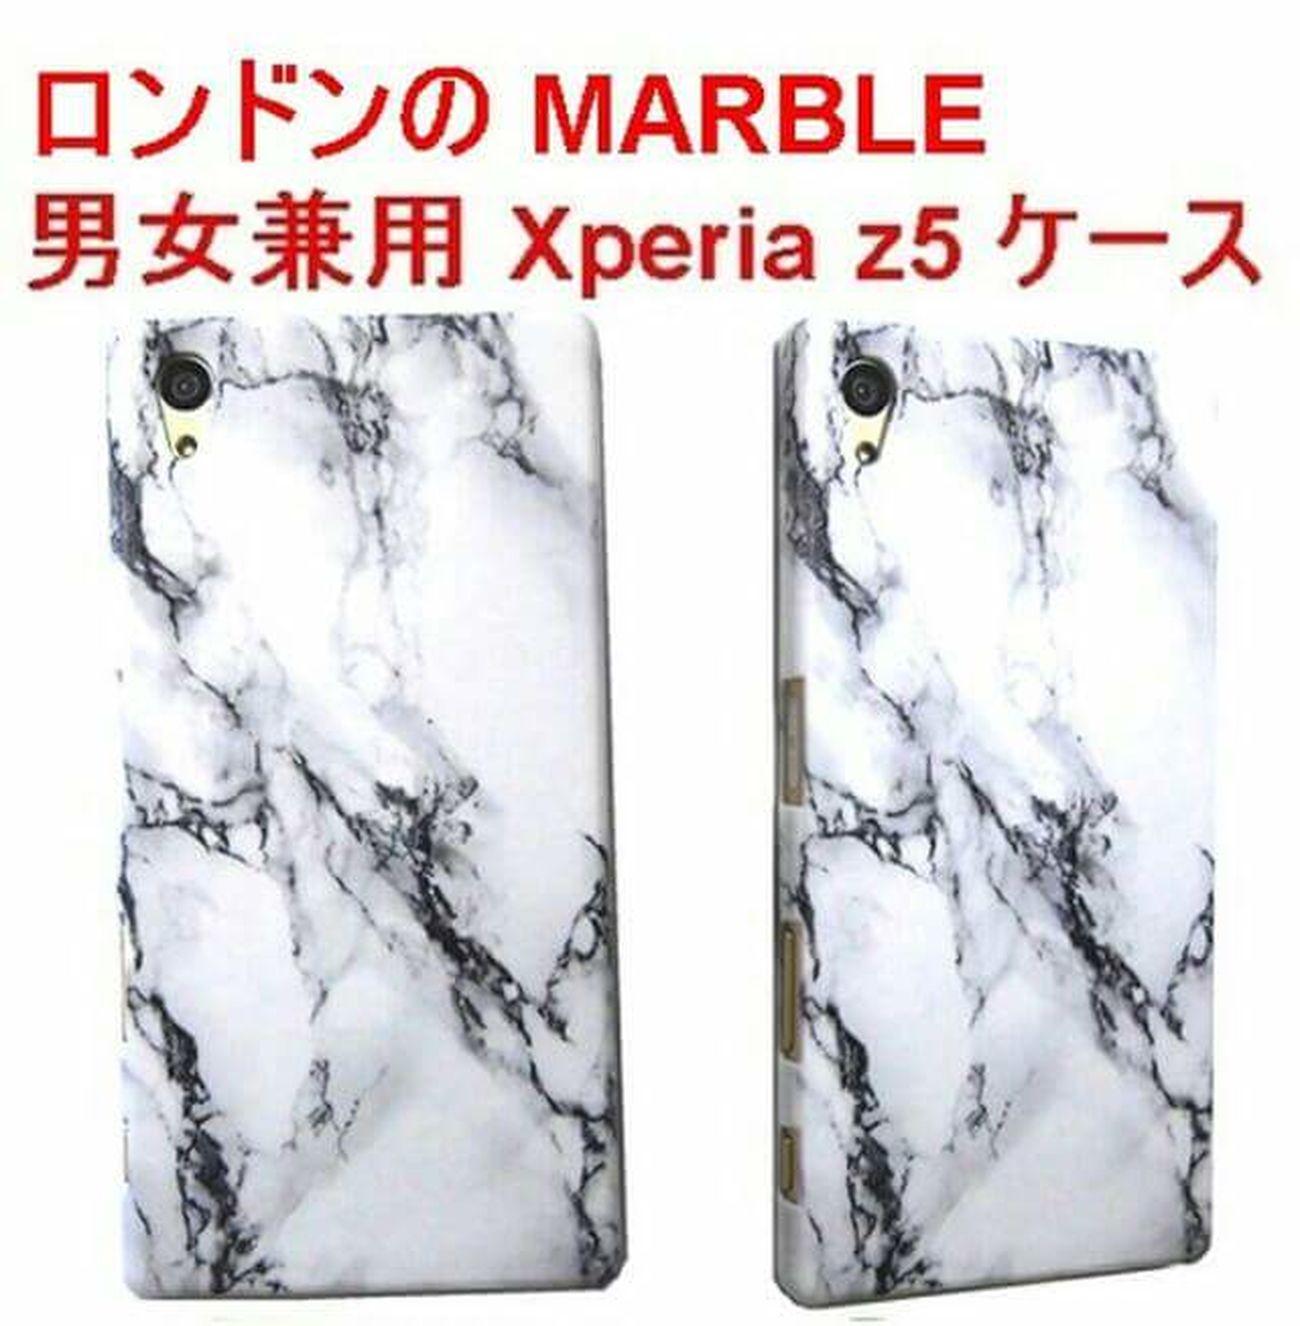 セレクトショップレトワールボーテ ファッション Xperiaz4 XPERIA XperiaZ5